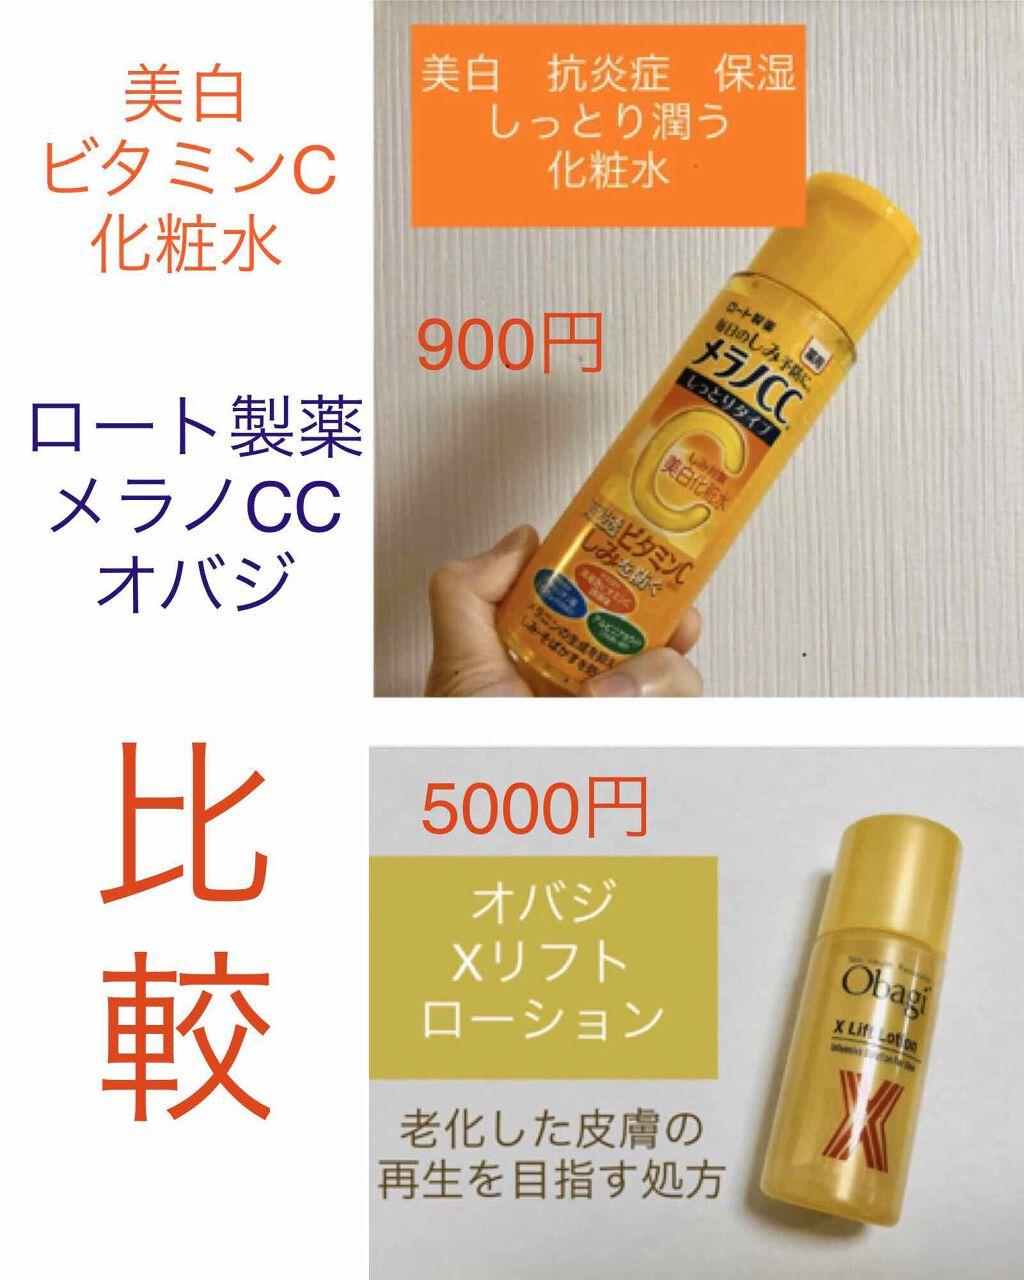 化粧 水 cc メラノ